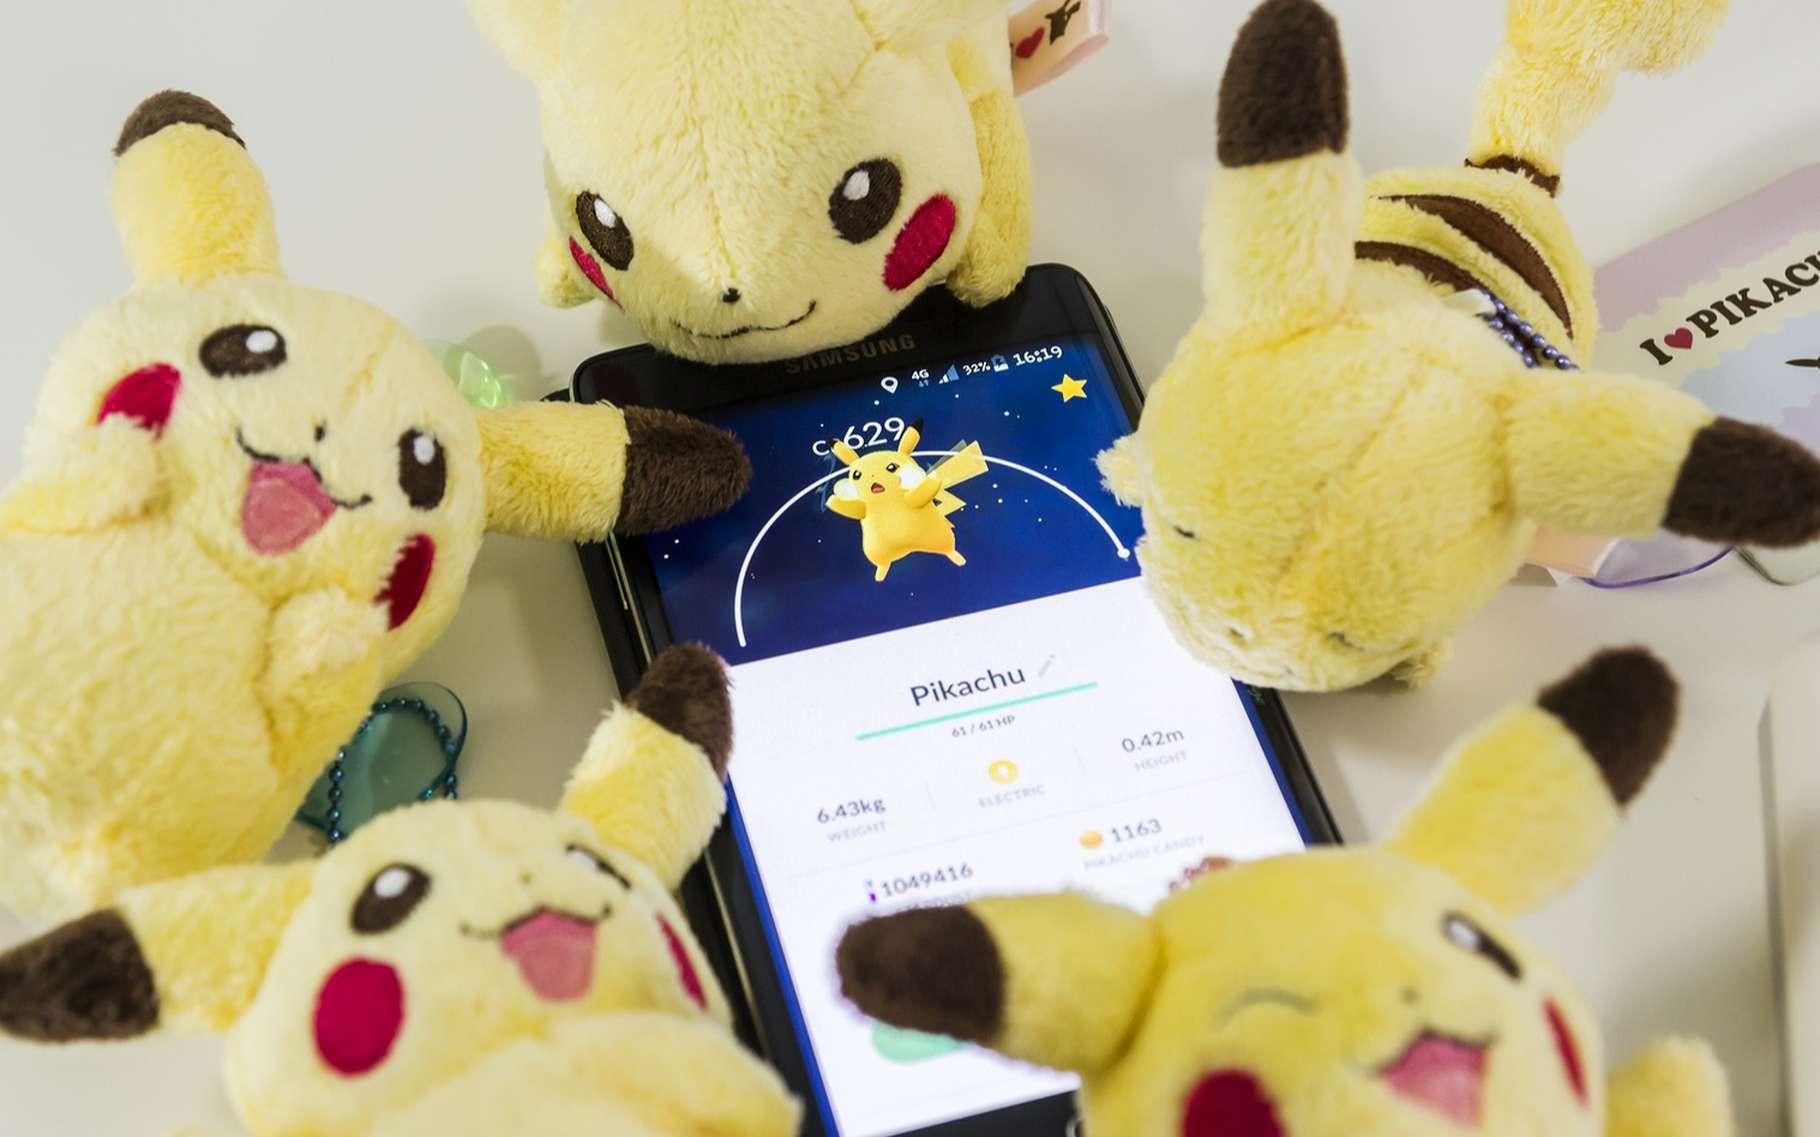 Pokémon Go favorise-t-il la santé des jeunes ? © Myimagine, Shutterstock